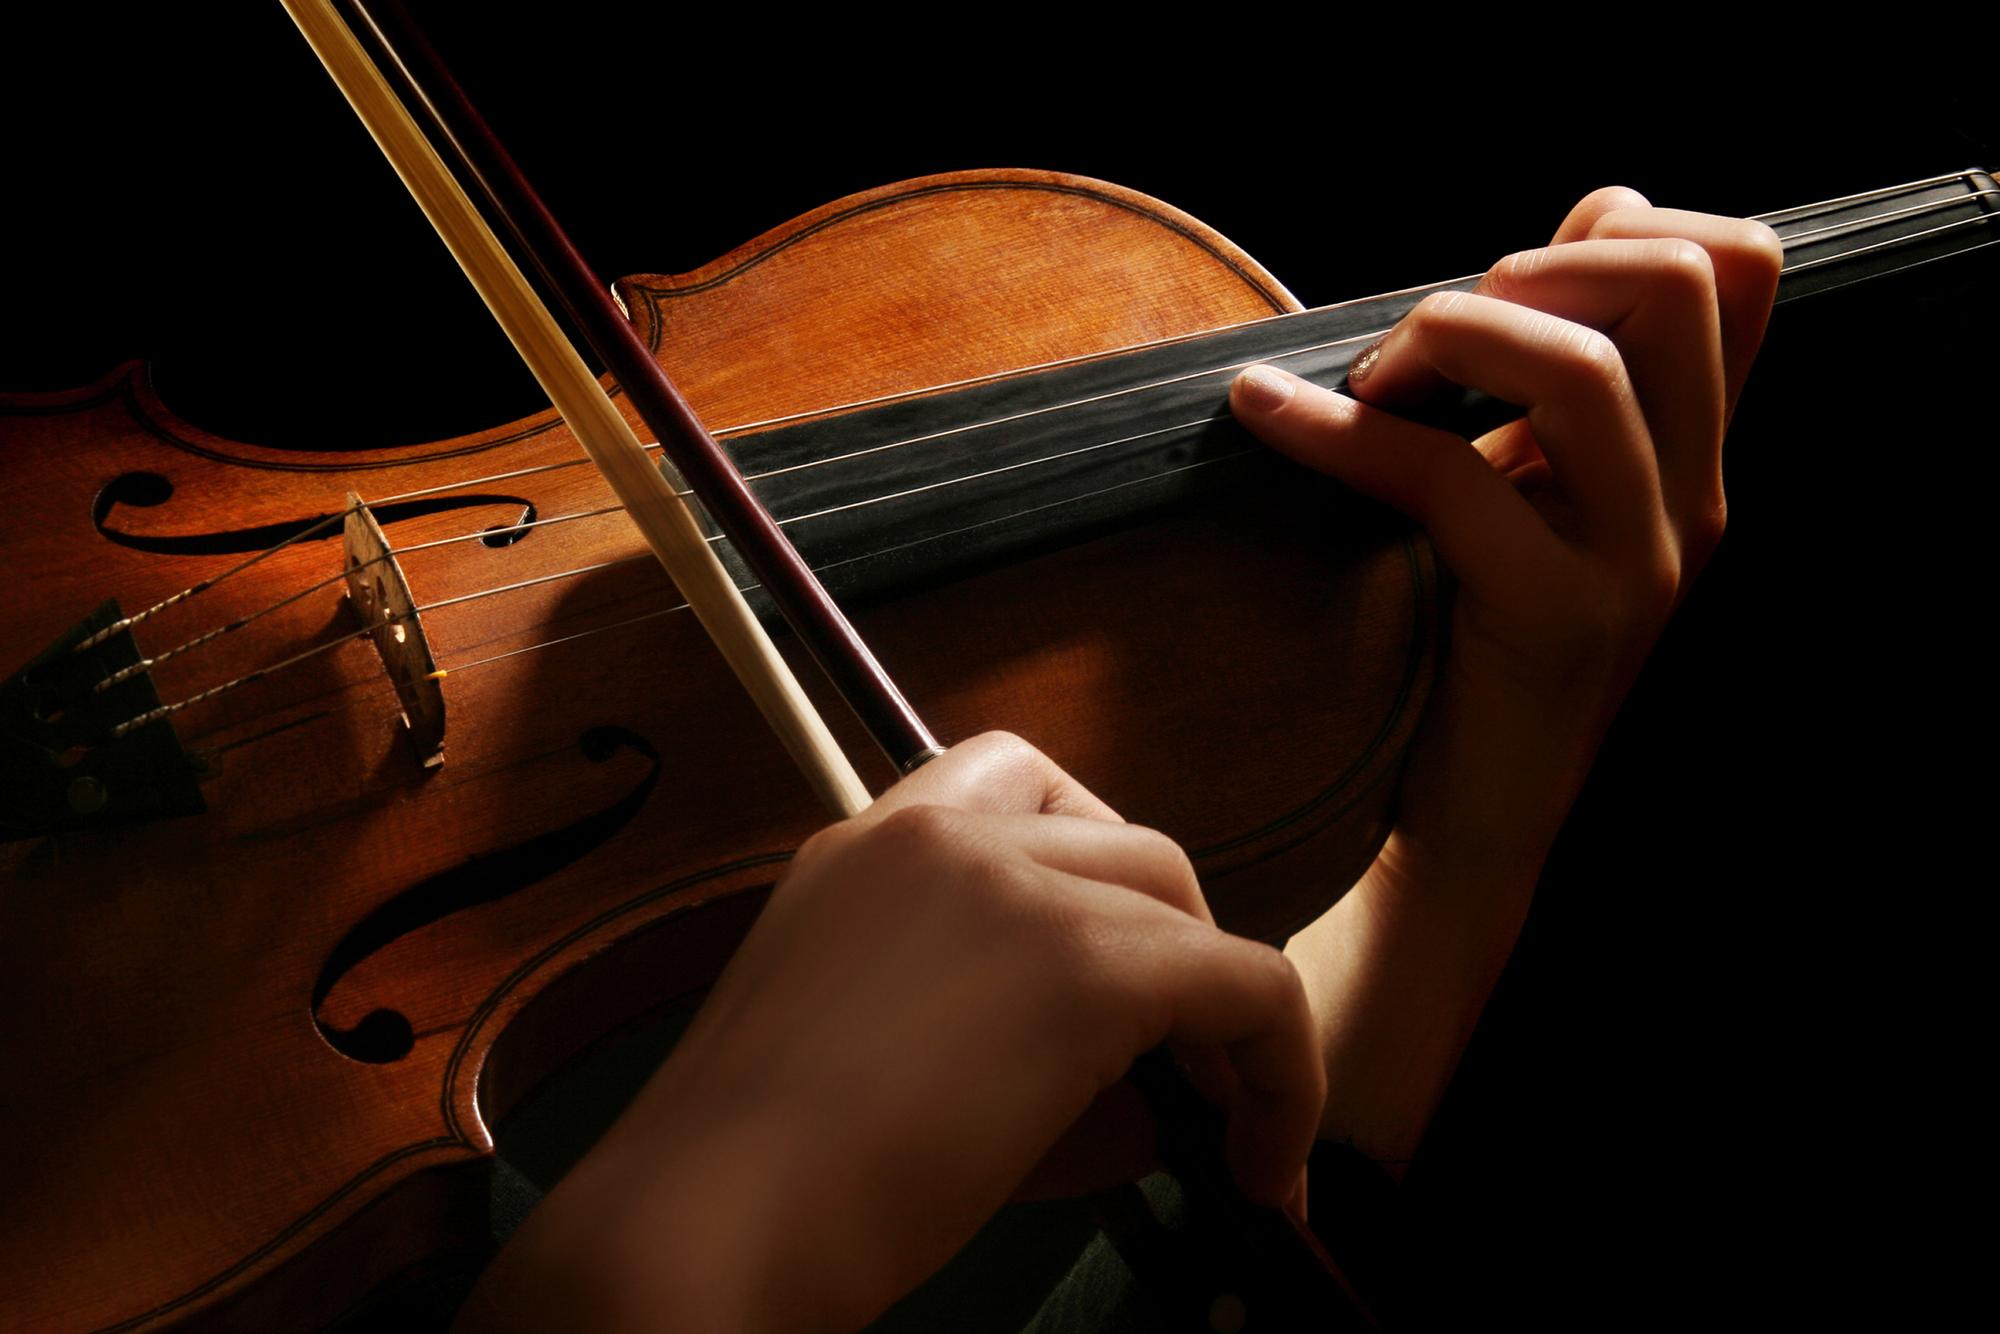 Ruszyła sekcja skrzypiec !